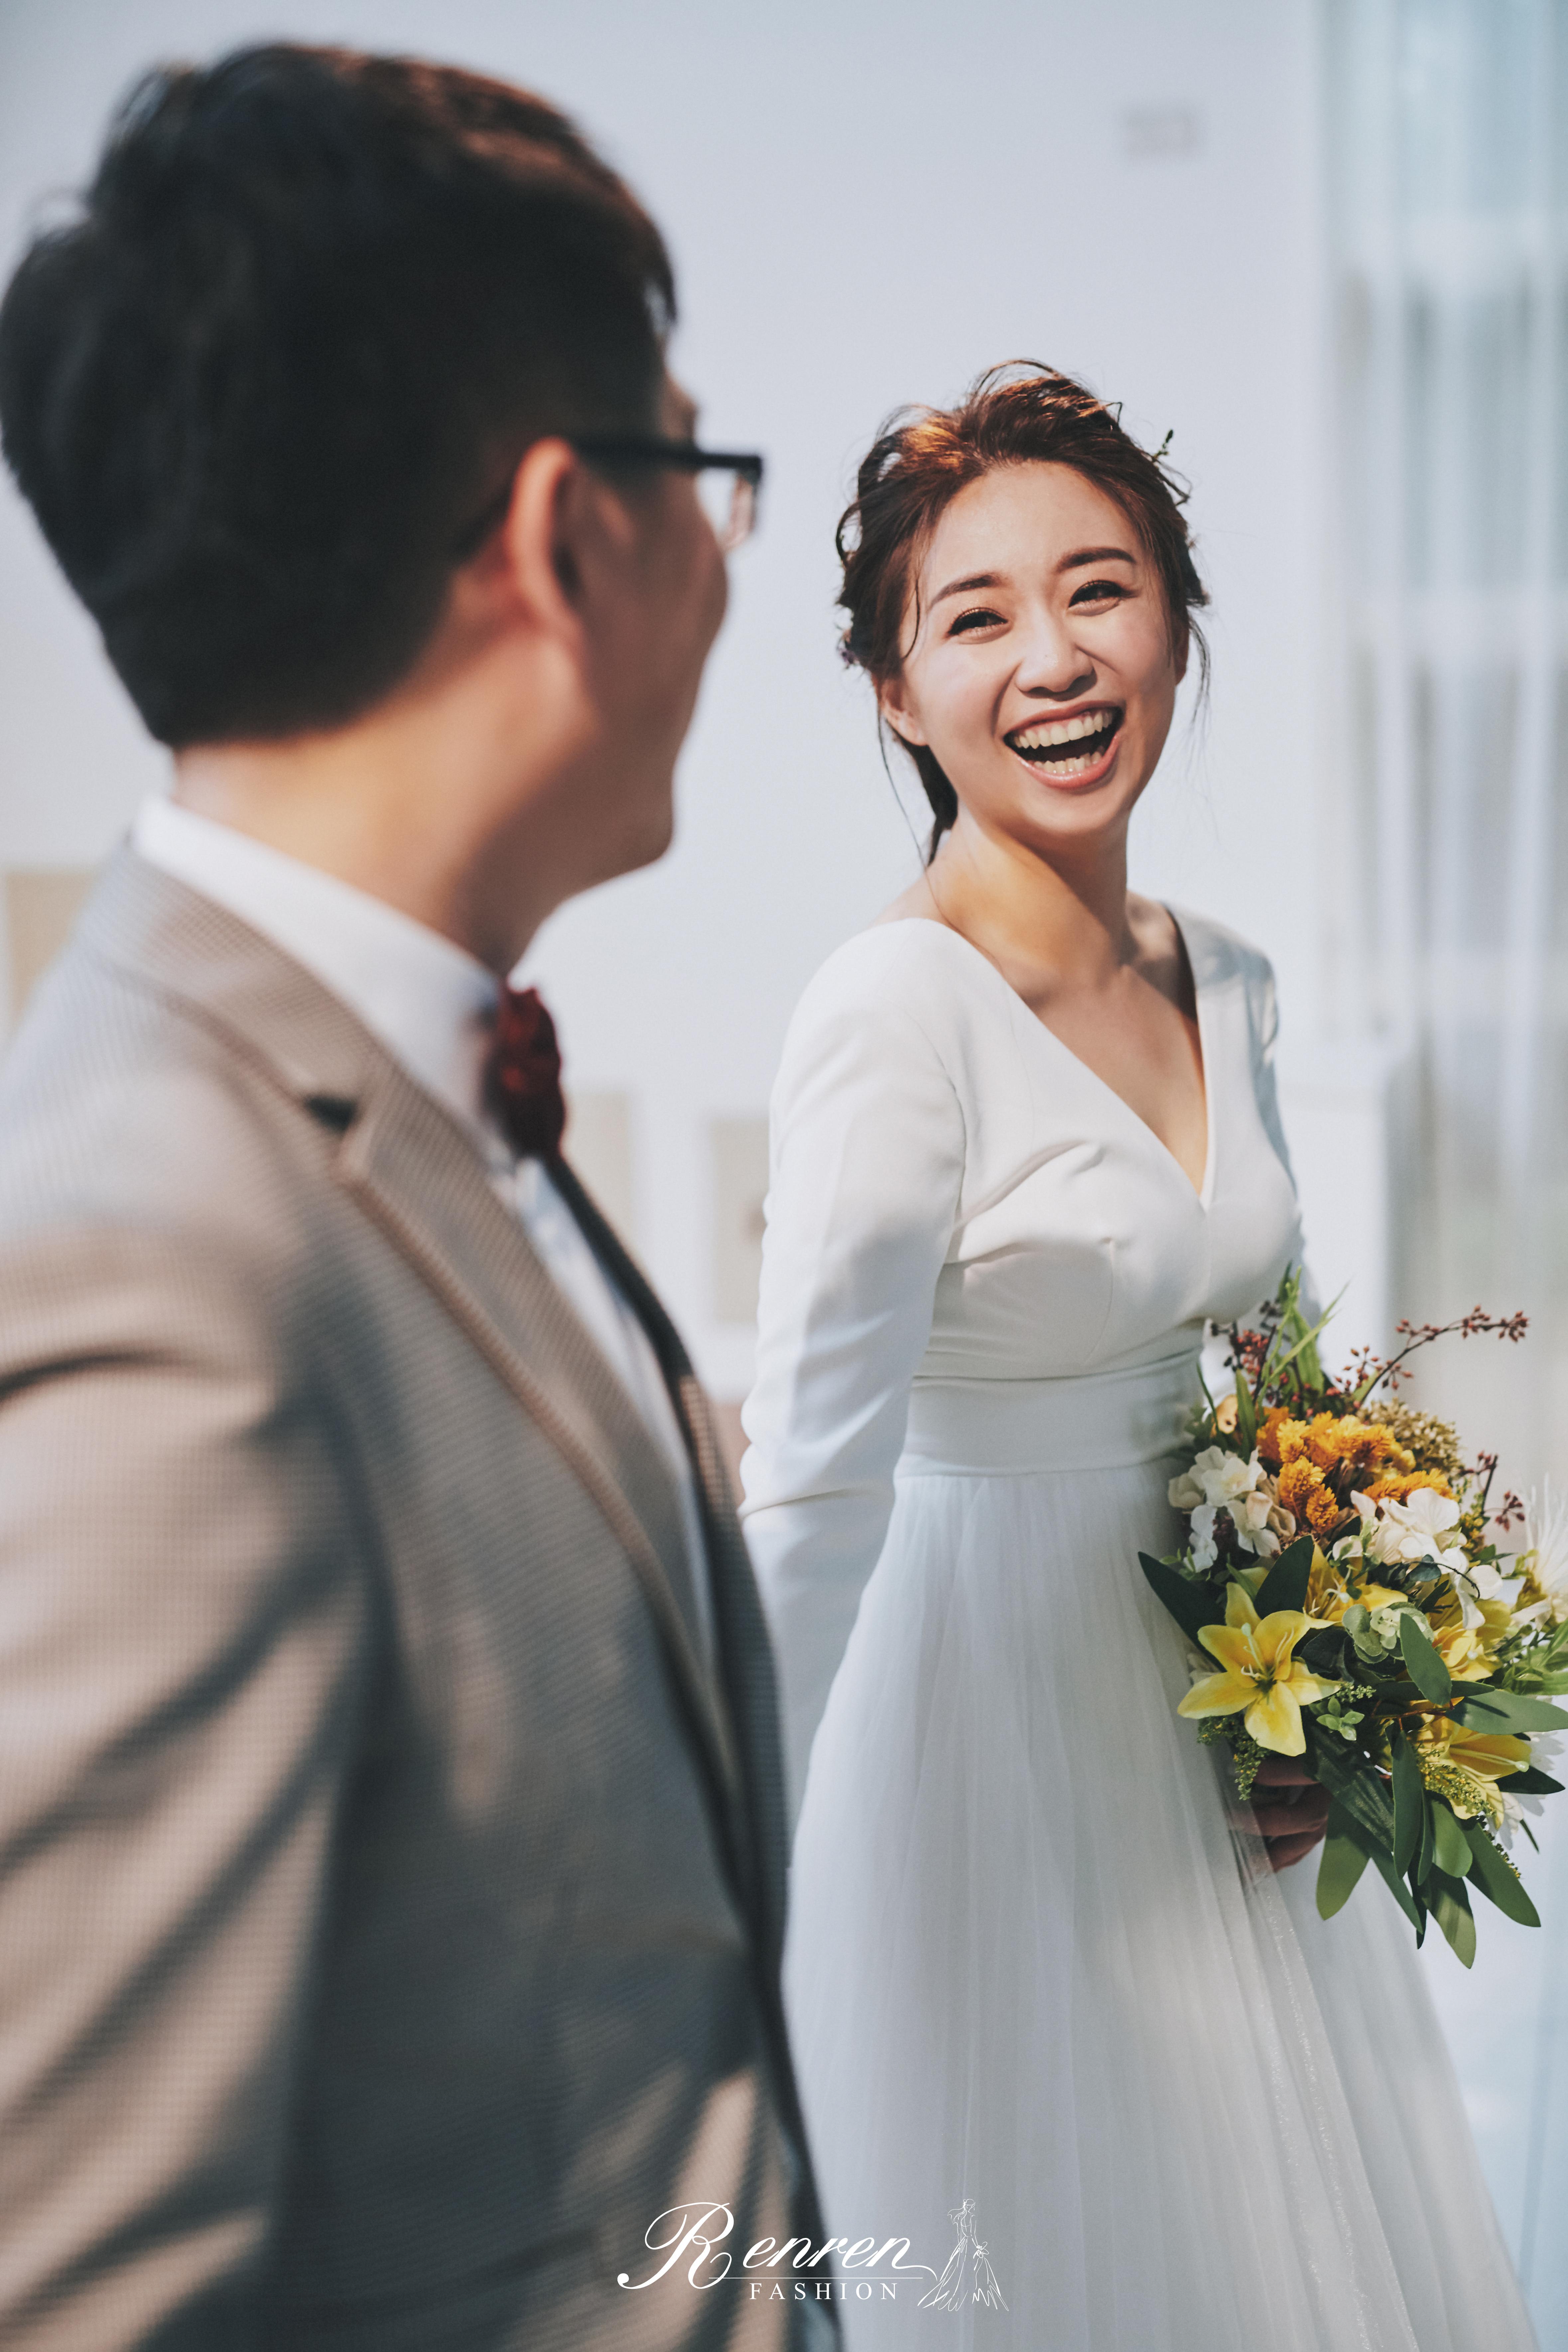 冉冉婚紗-遇見幸福-台中拍婚紗